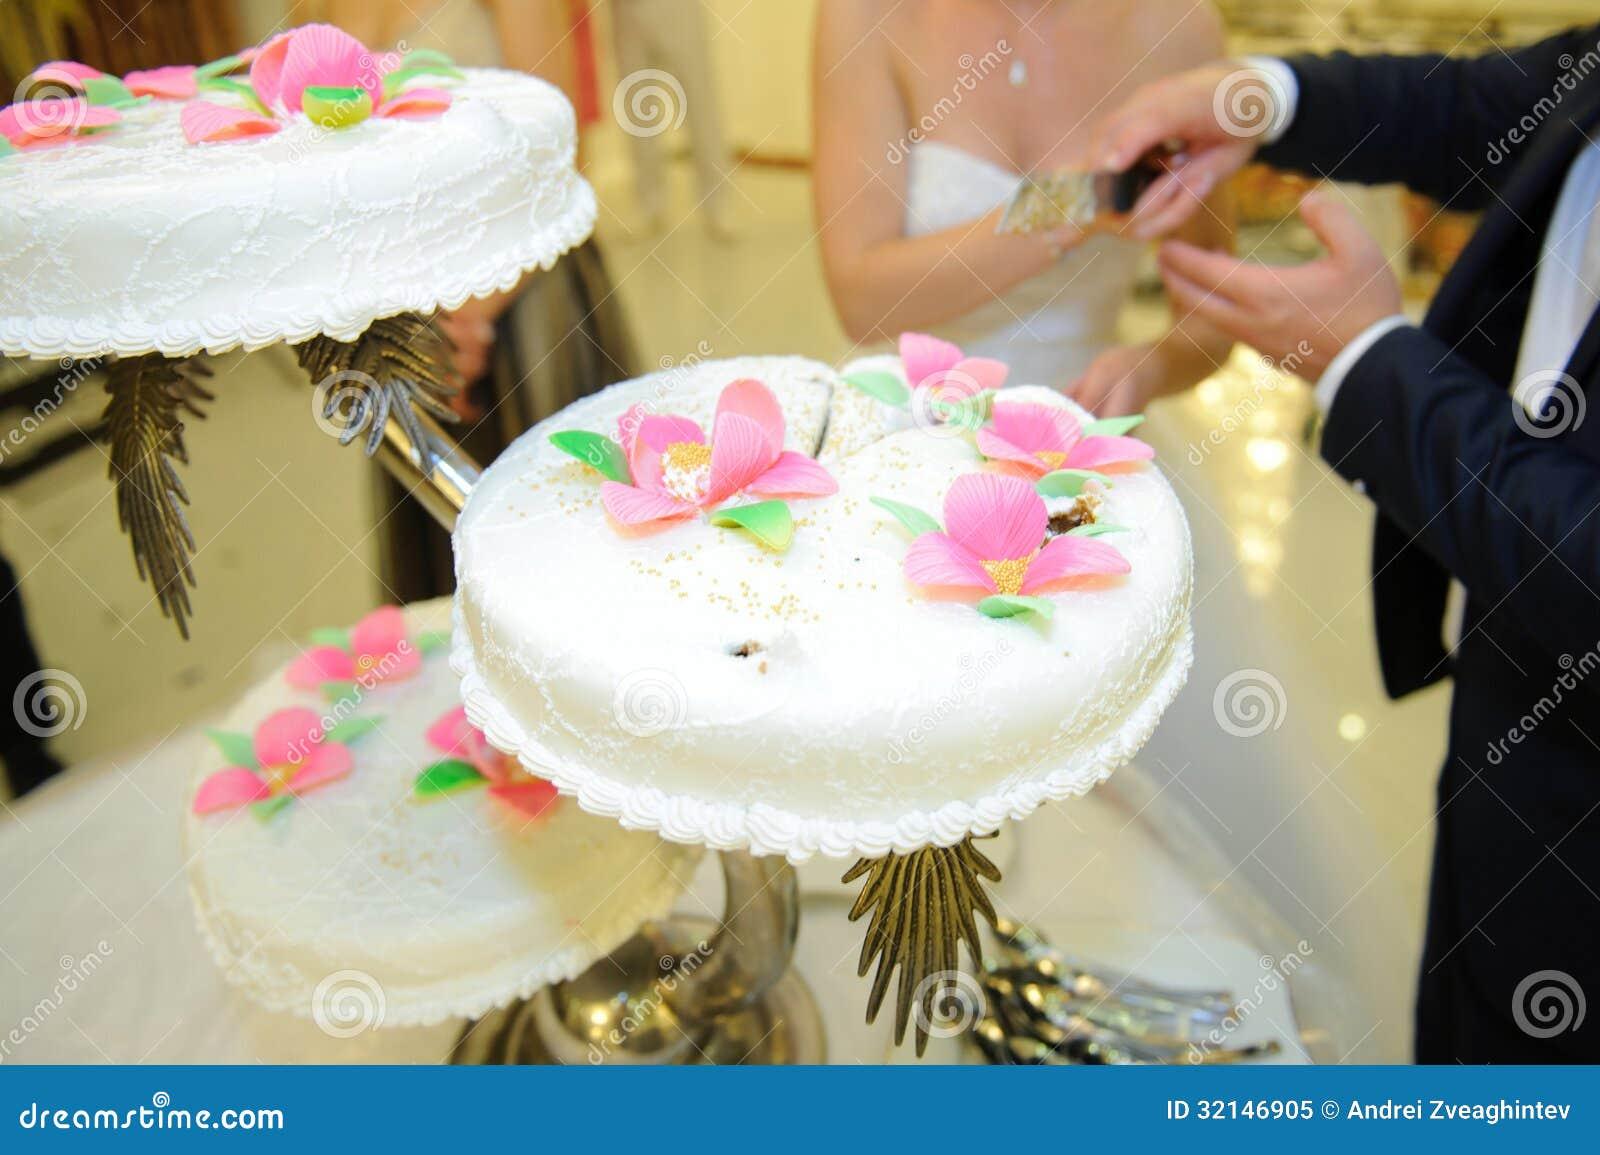 Cutting Wedding Cake Royalty Free Stock Photo Image 32146905